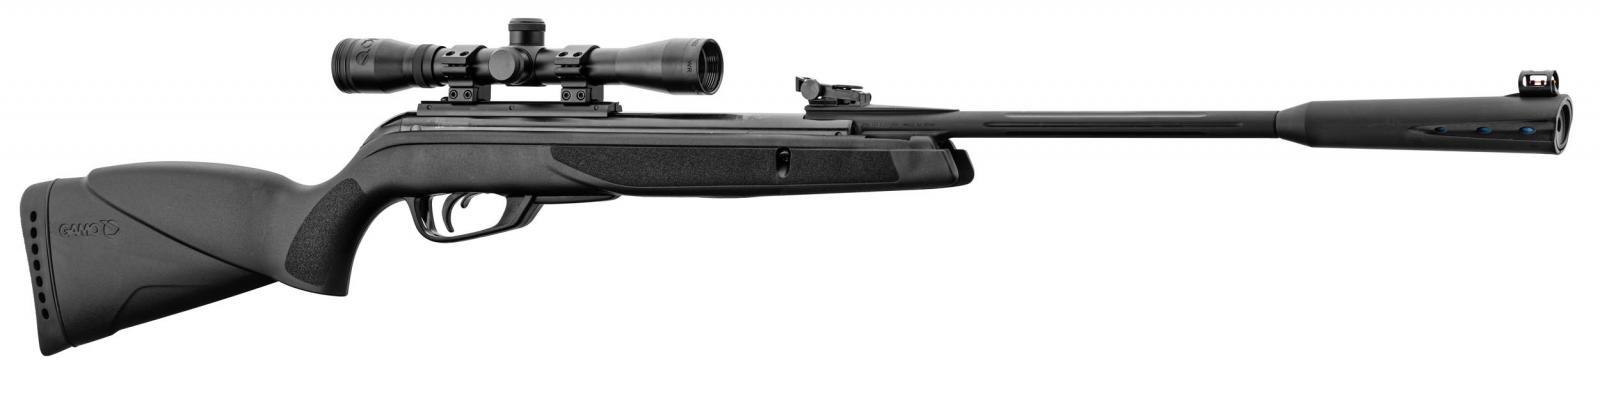 Pack carabine à plomb GAMO Quiet Black 4.5 mm / 19.9 J + Lunette 4x32 + acccessoires